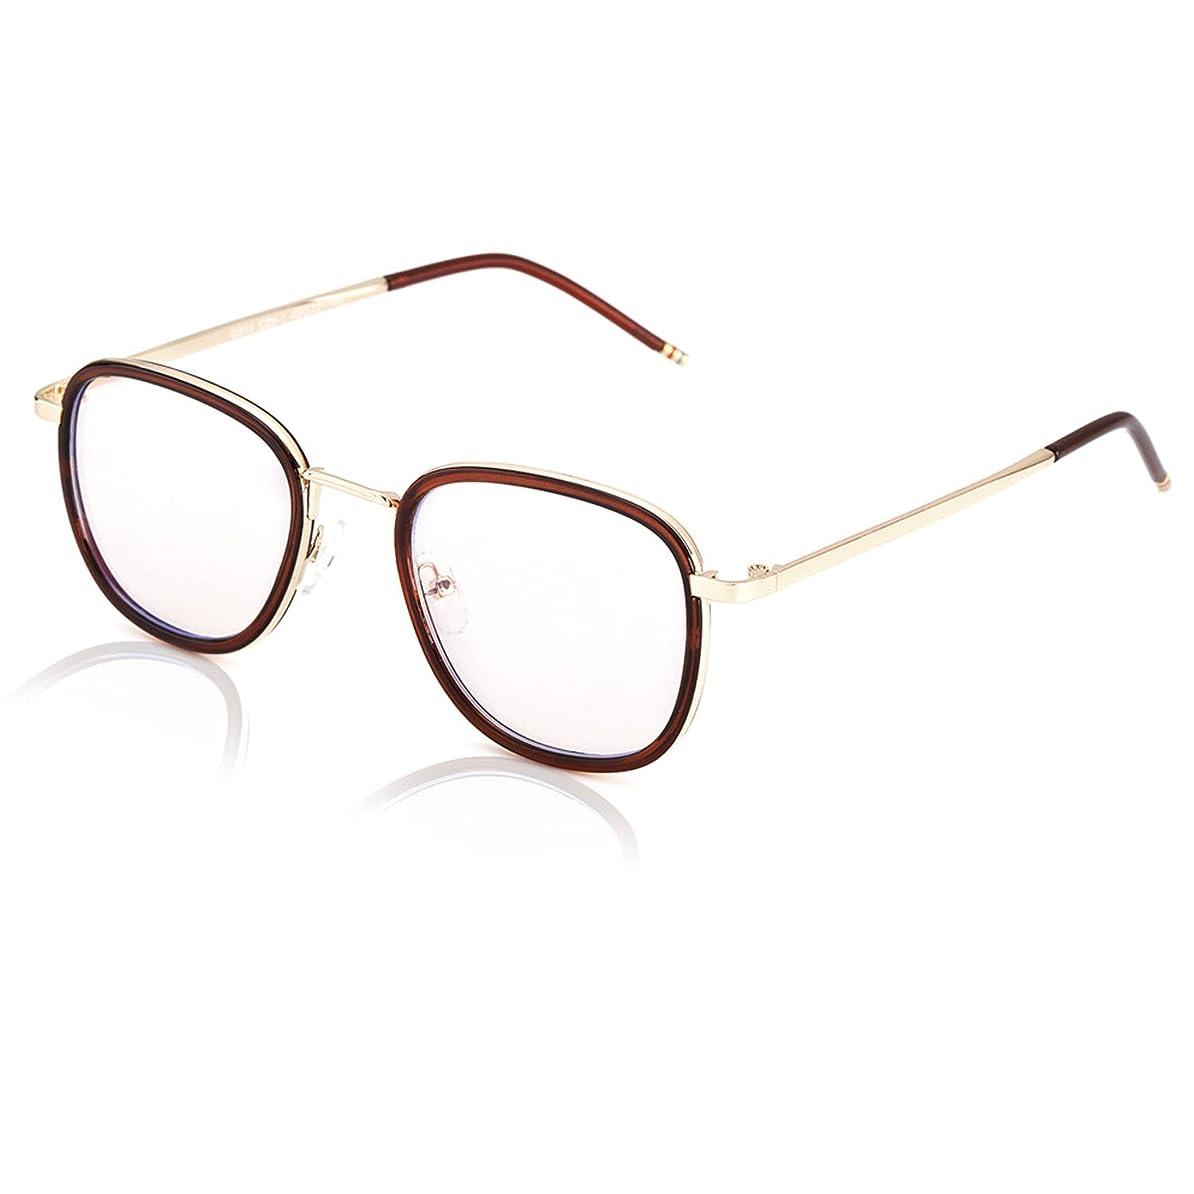 浮く卑しい虎SIPHEW 軽量 pcメガネ ブルーライトカットメガネ 度なし uv400 ファッション ボストン眼鏡 伊達眼鏡 仕事用 ゲーム用 目の疲れが全然違う